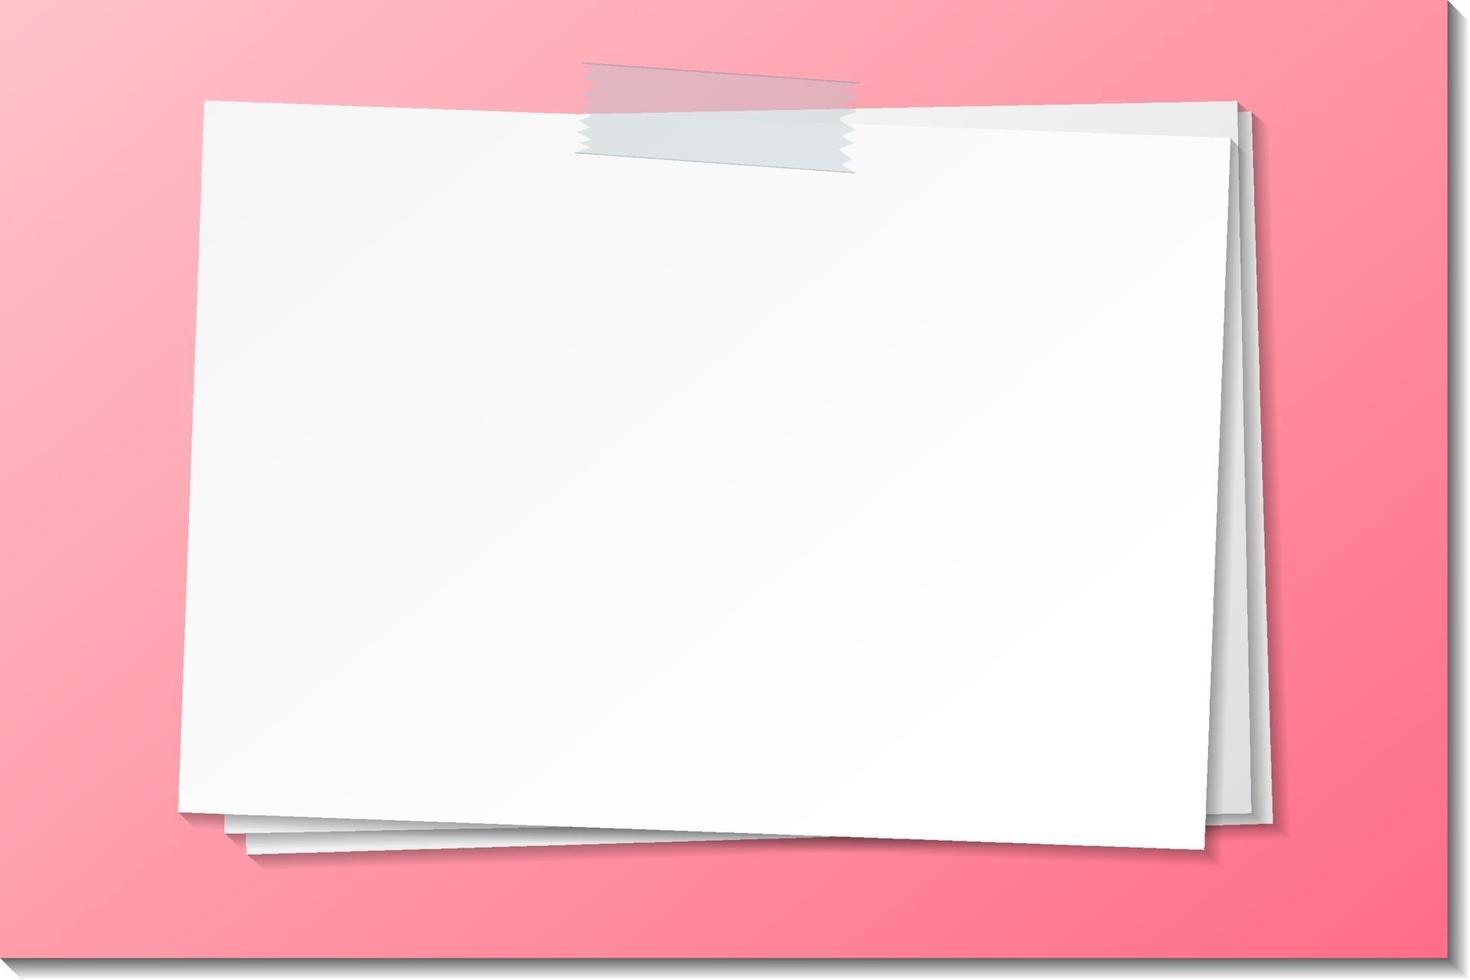 Plantilla de nota de papel vacía con cinta adhesiva vector